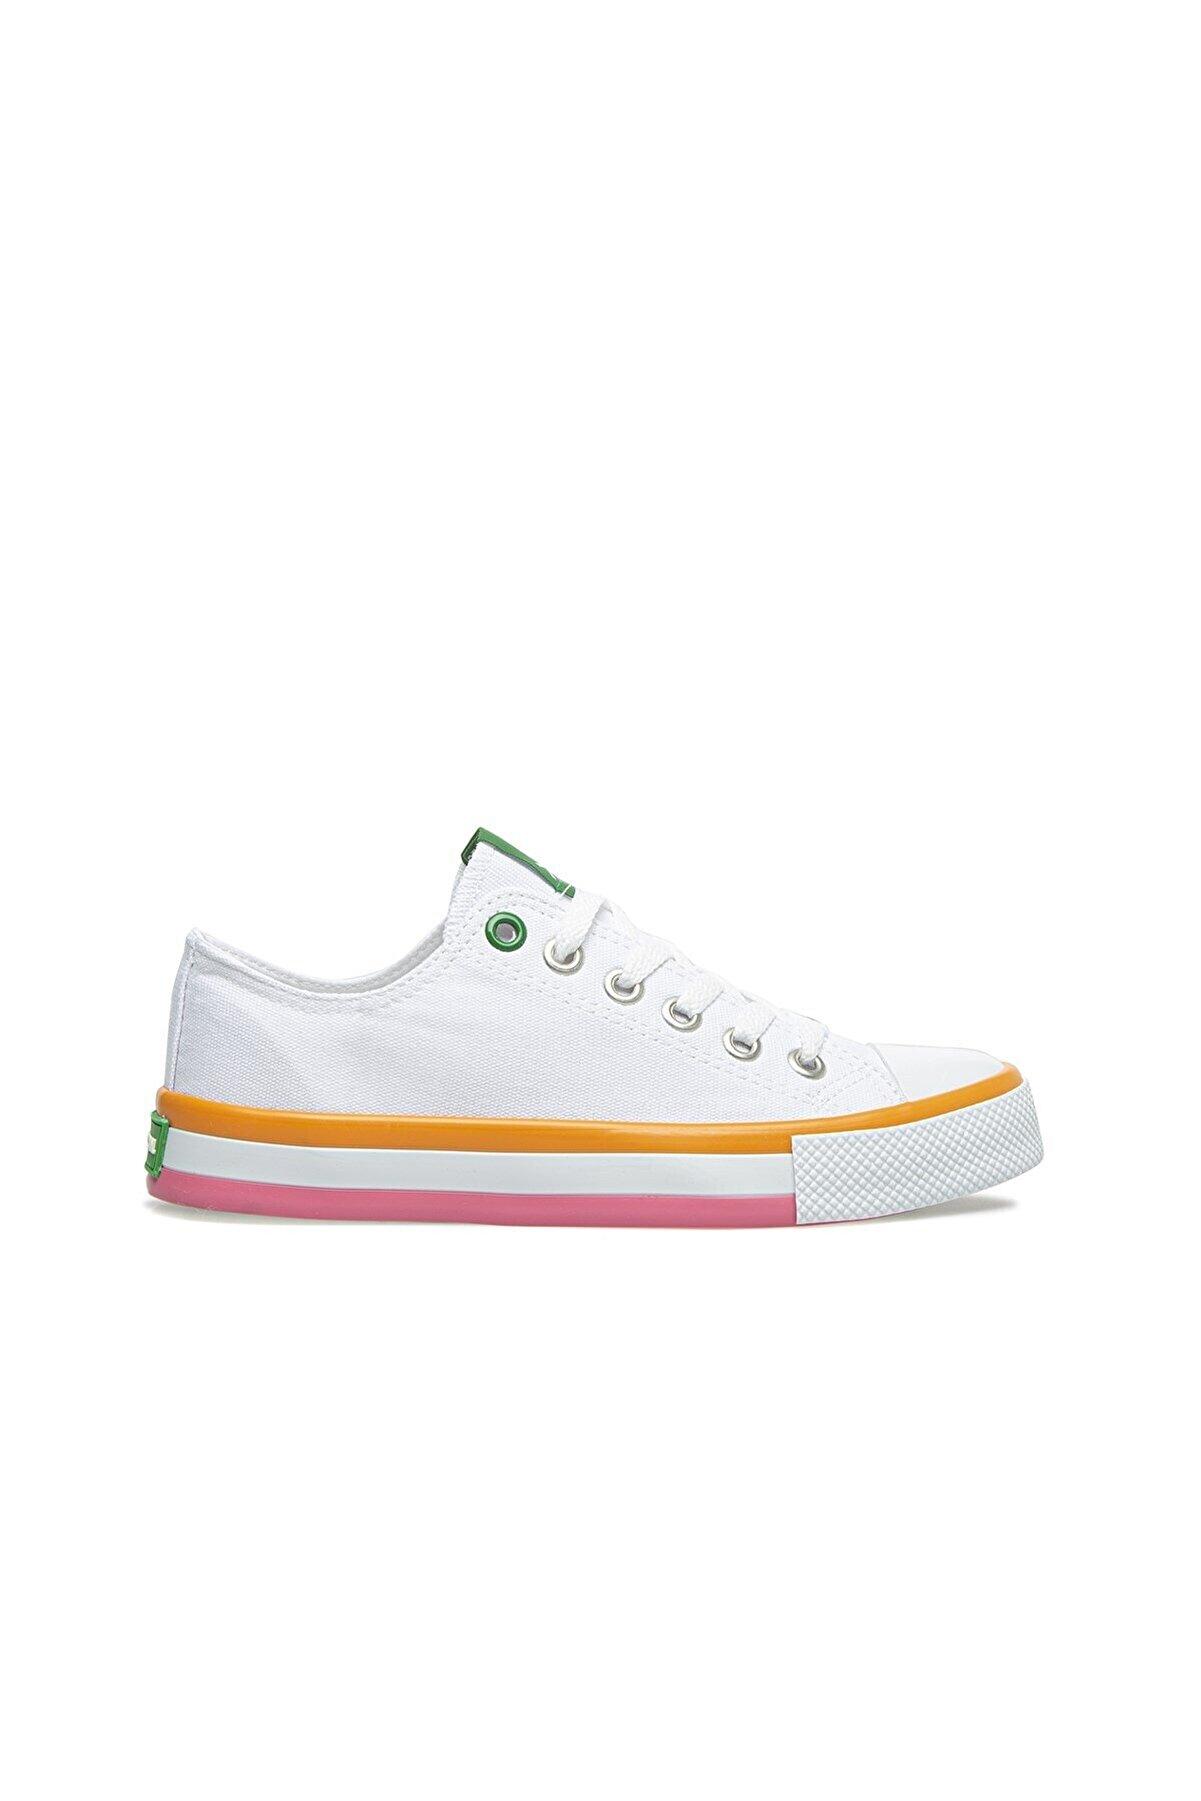 Benetton Kadın Beyaz Spor Ayakkabı